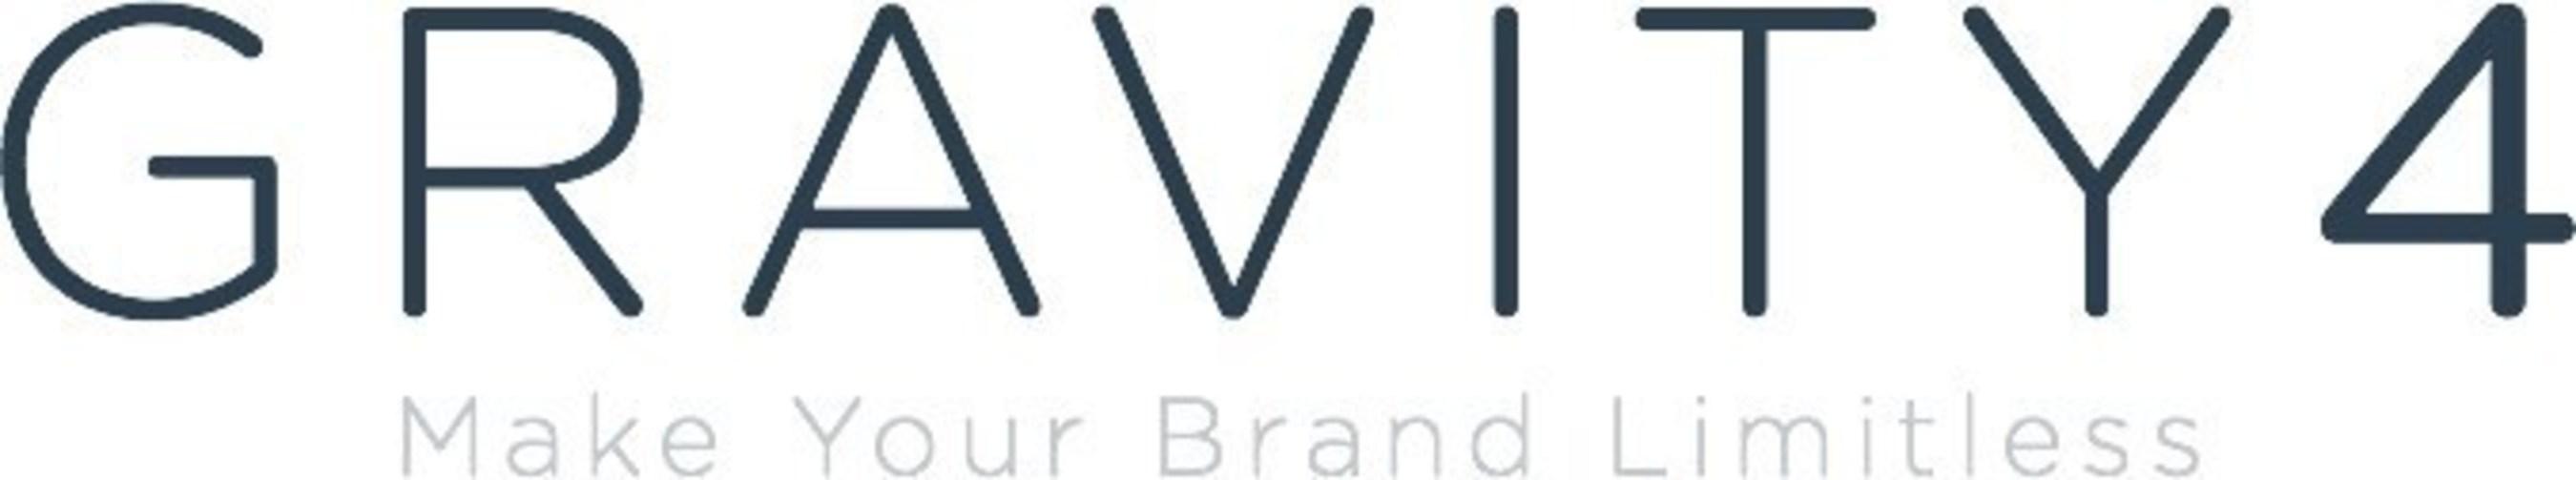 Gravity4 Announces 6th Acquisition of Zurmo; Adding CRM to its Cross-platform Enterprise App Center.